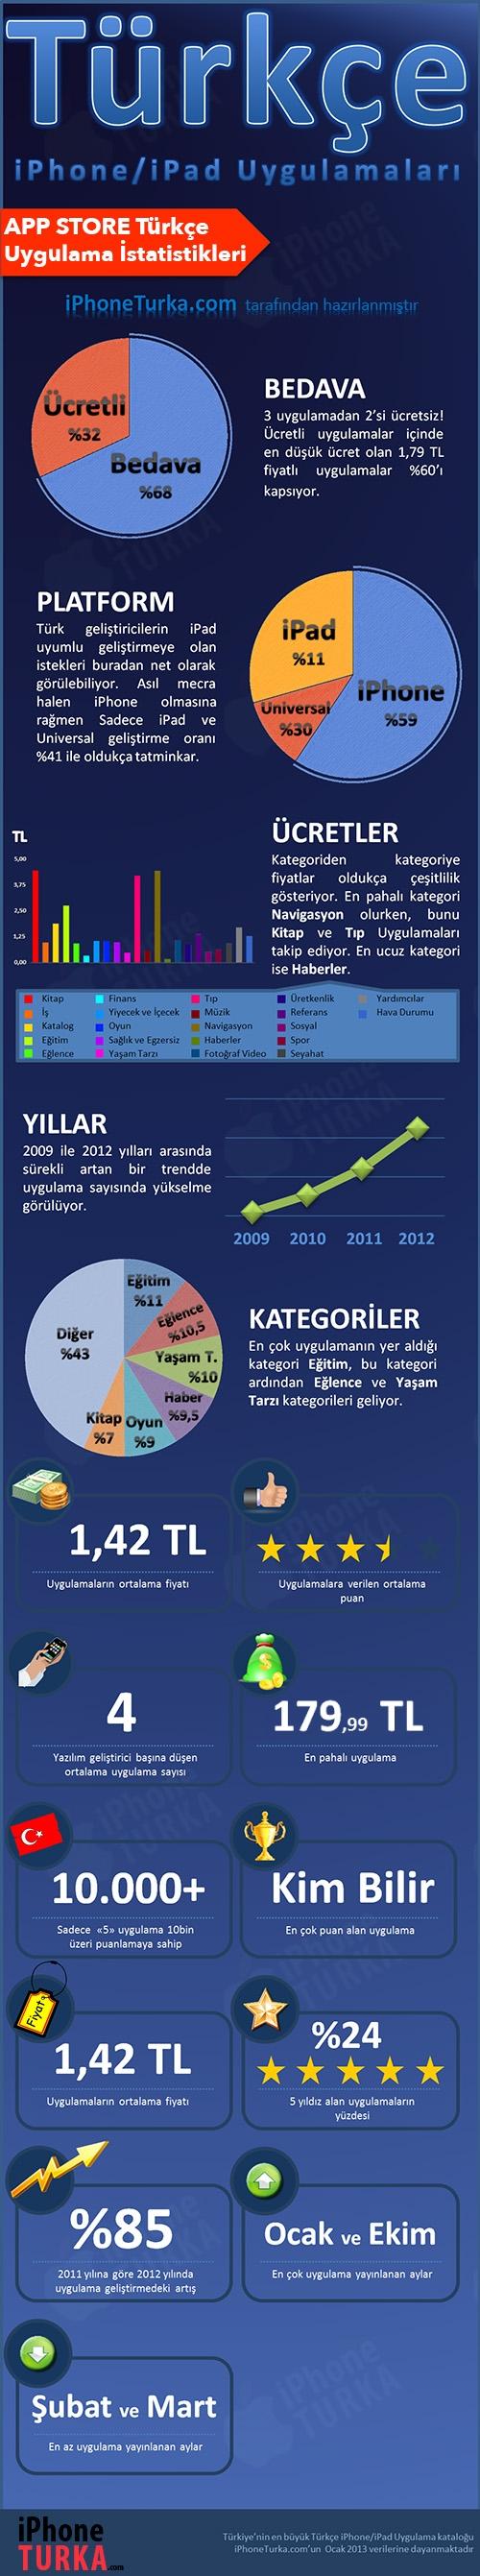 turkce-uygulama-istatistikleri